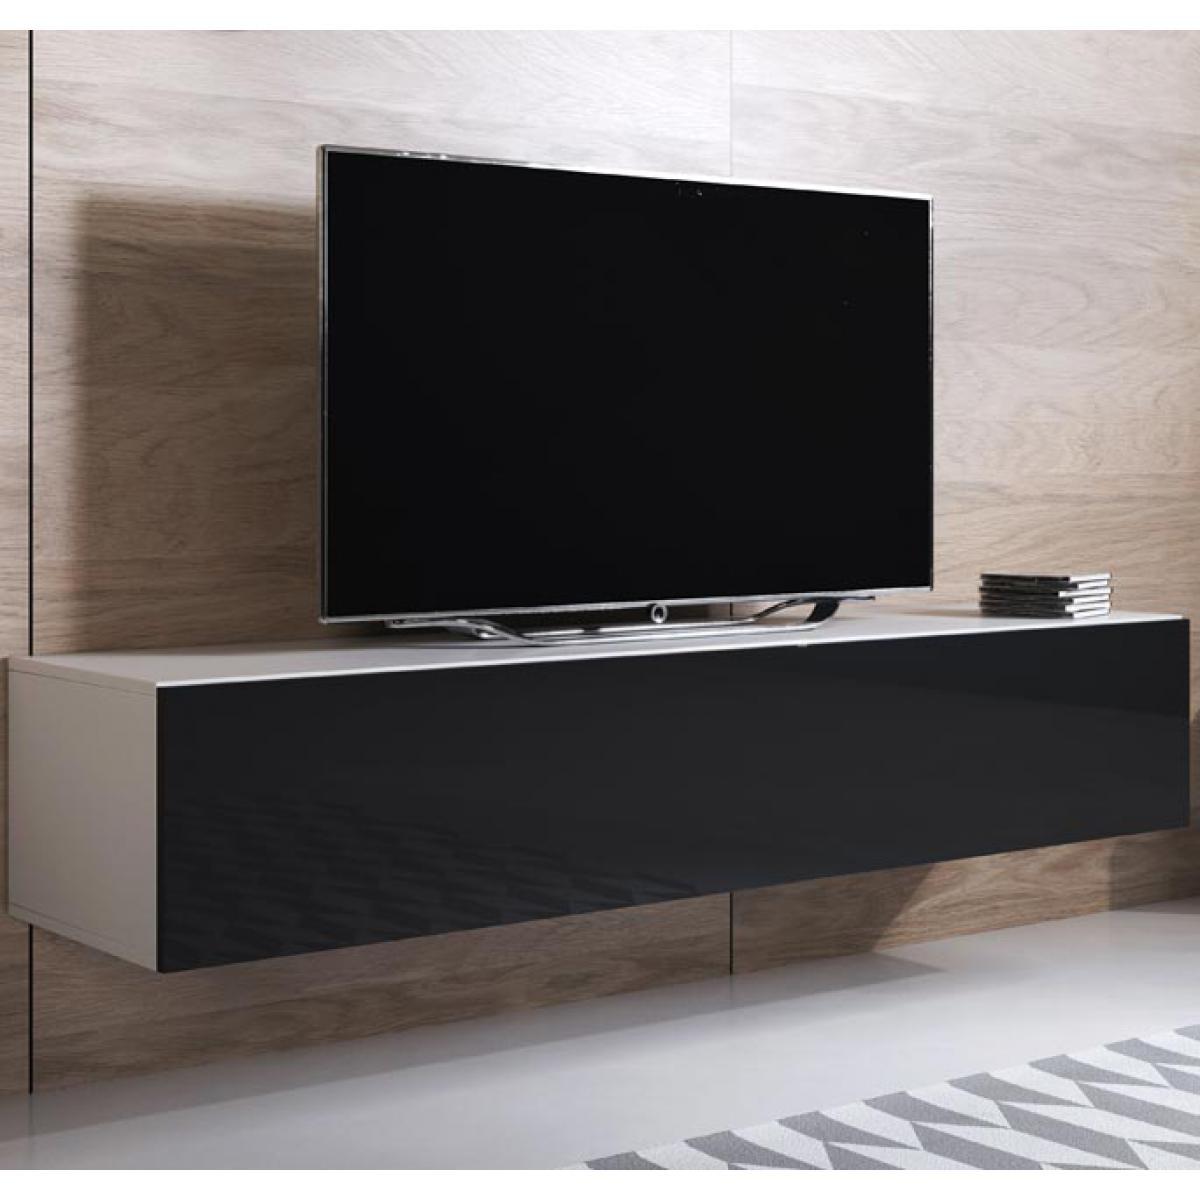 Design Ameublement Meuble TV modèle Luke H2 (160x30cm) couleur blanc et noir